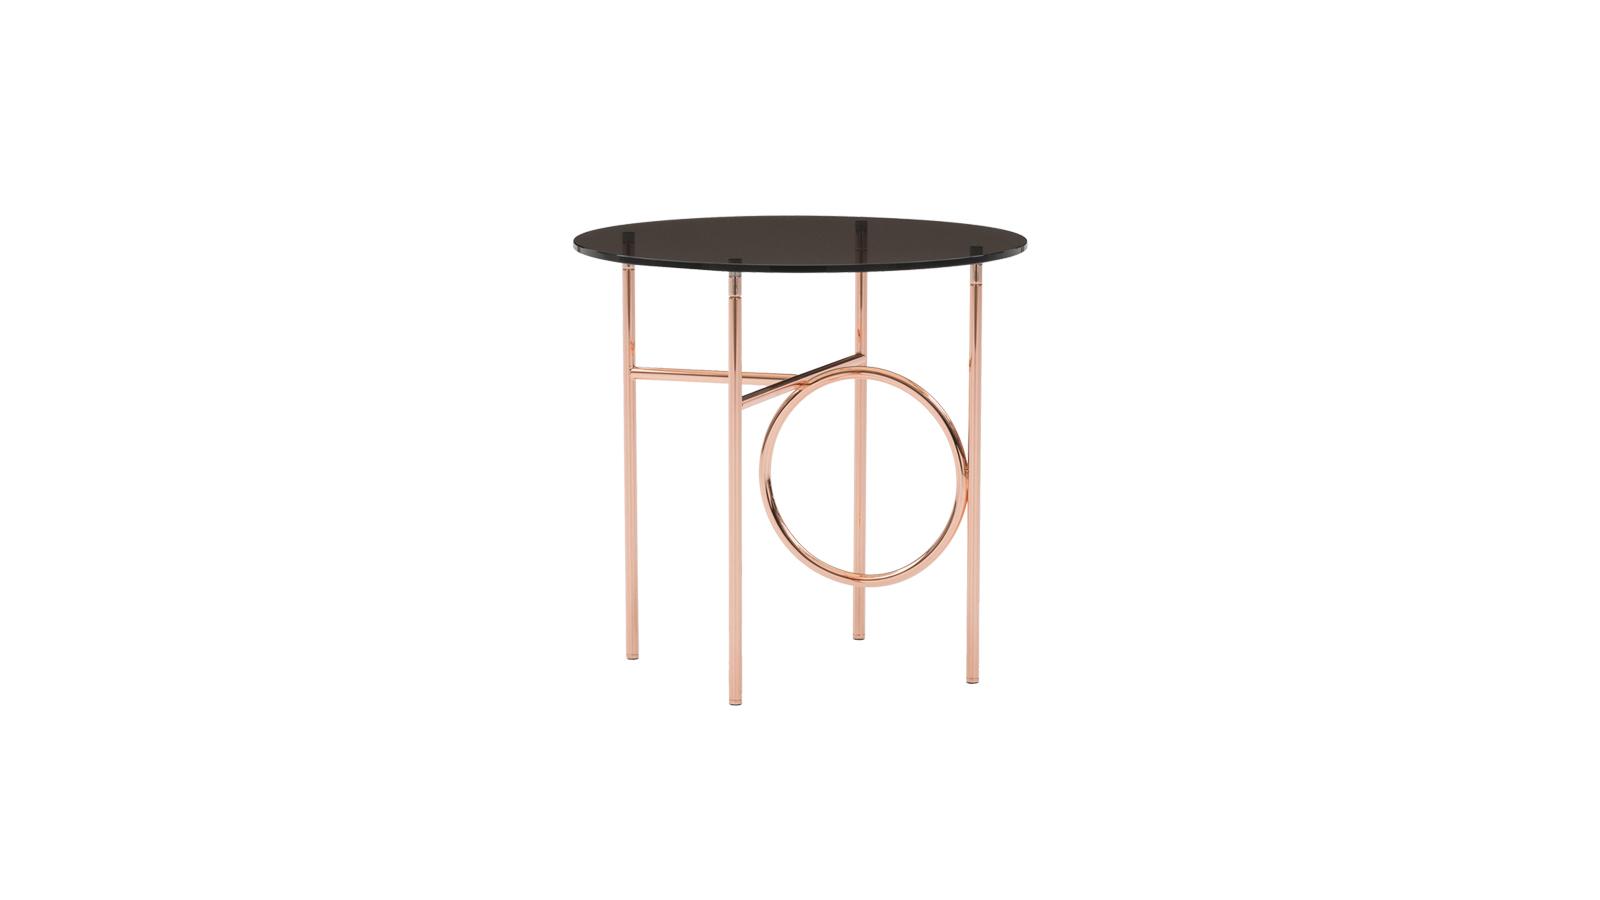 A Ring asztal új szintre emeli a geometriát. A vízszintes és függőleges vonalak által meghatározott könnyűfémszerkezet kialakítását nagy gyűrűk szakítják meg, melyek magukra vonzzák a szemet. A dohányzóasztalt többféle kialakítással és színvilággal látták el.